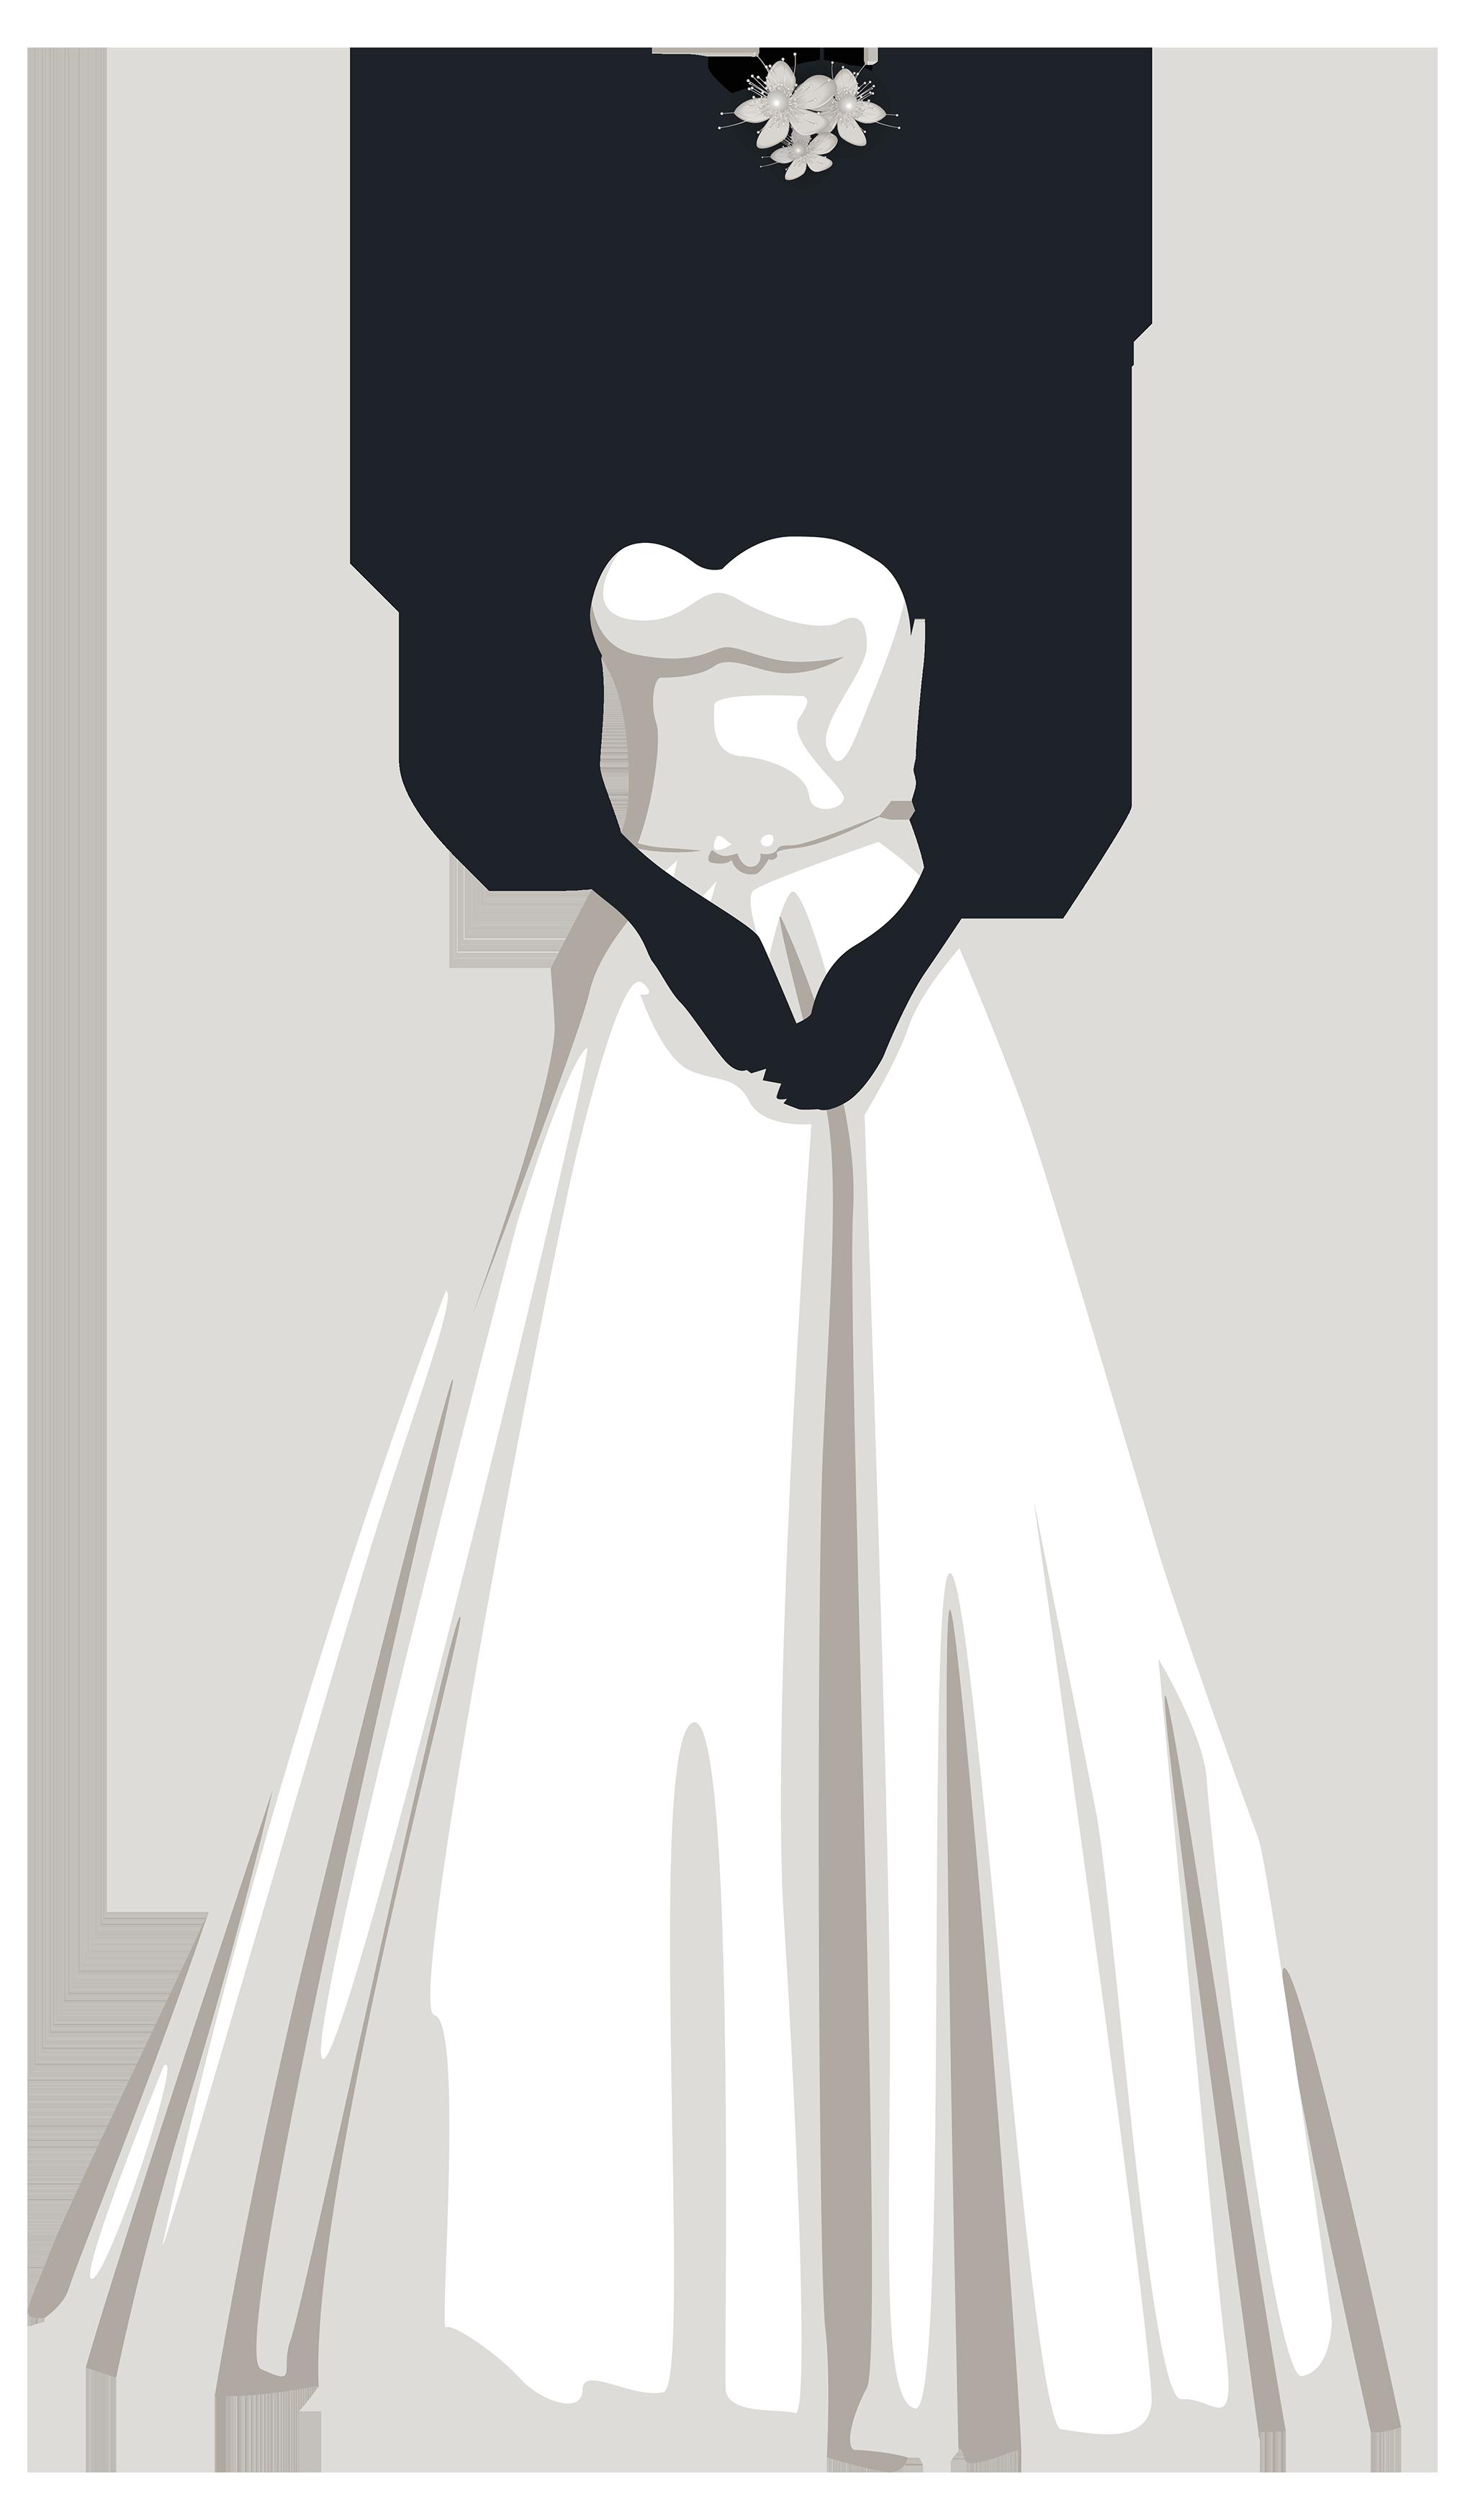 Costume clipart costume design. Bride silhouette png clip